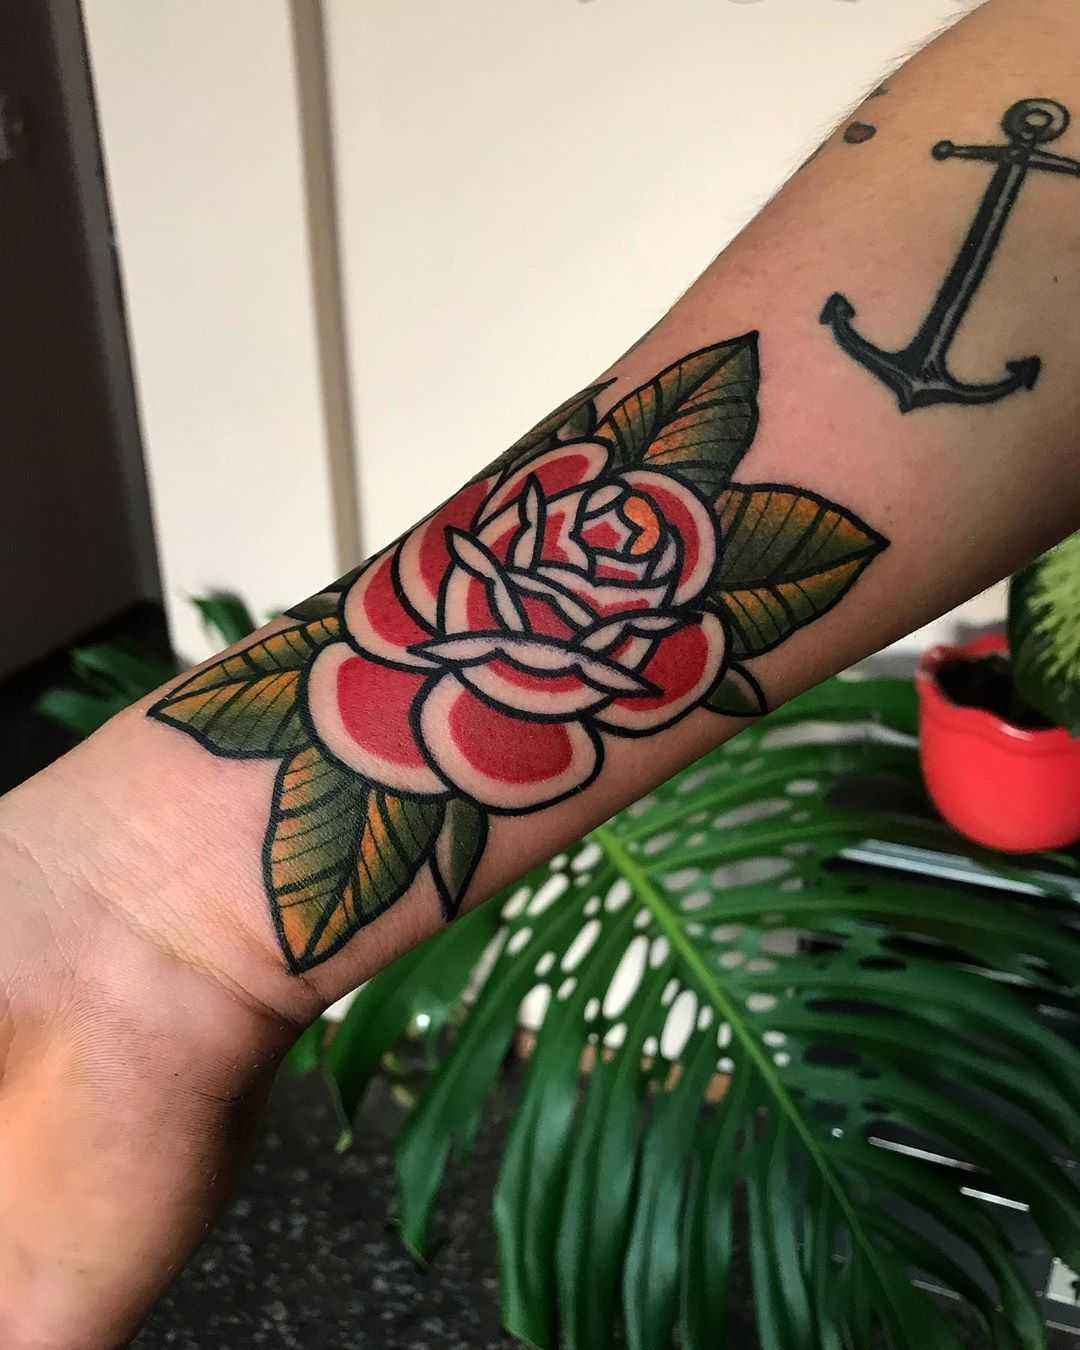 Awesome rose by tattooist Alejo GMZ